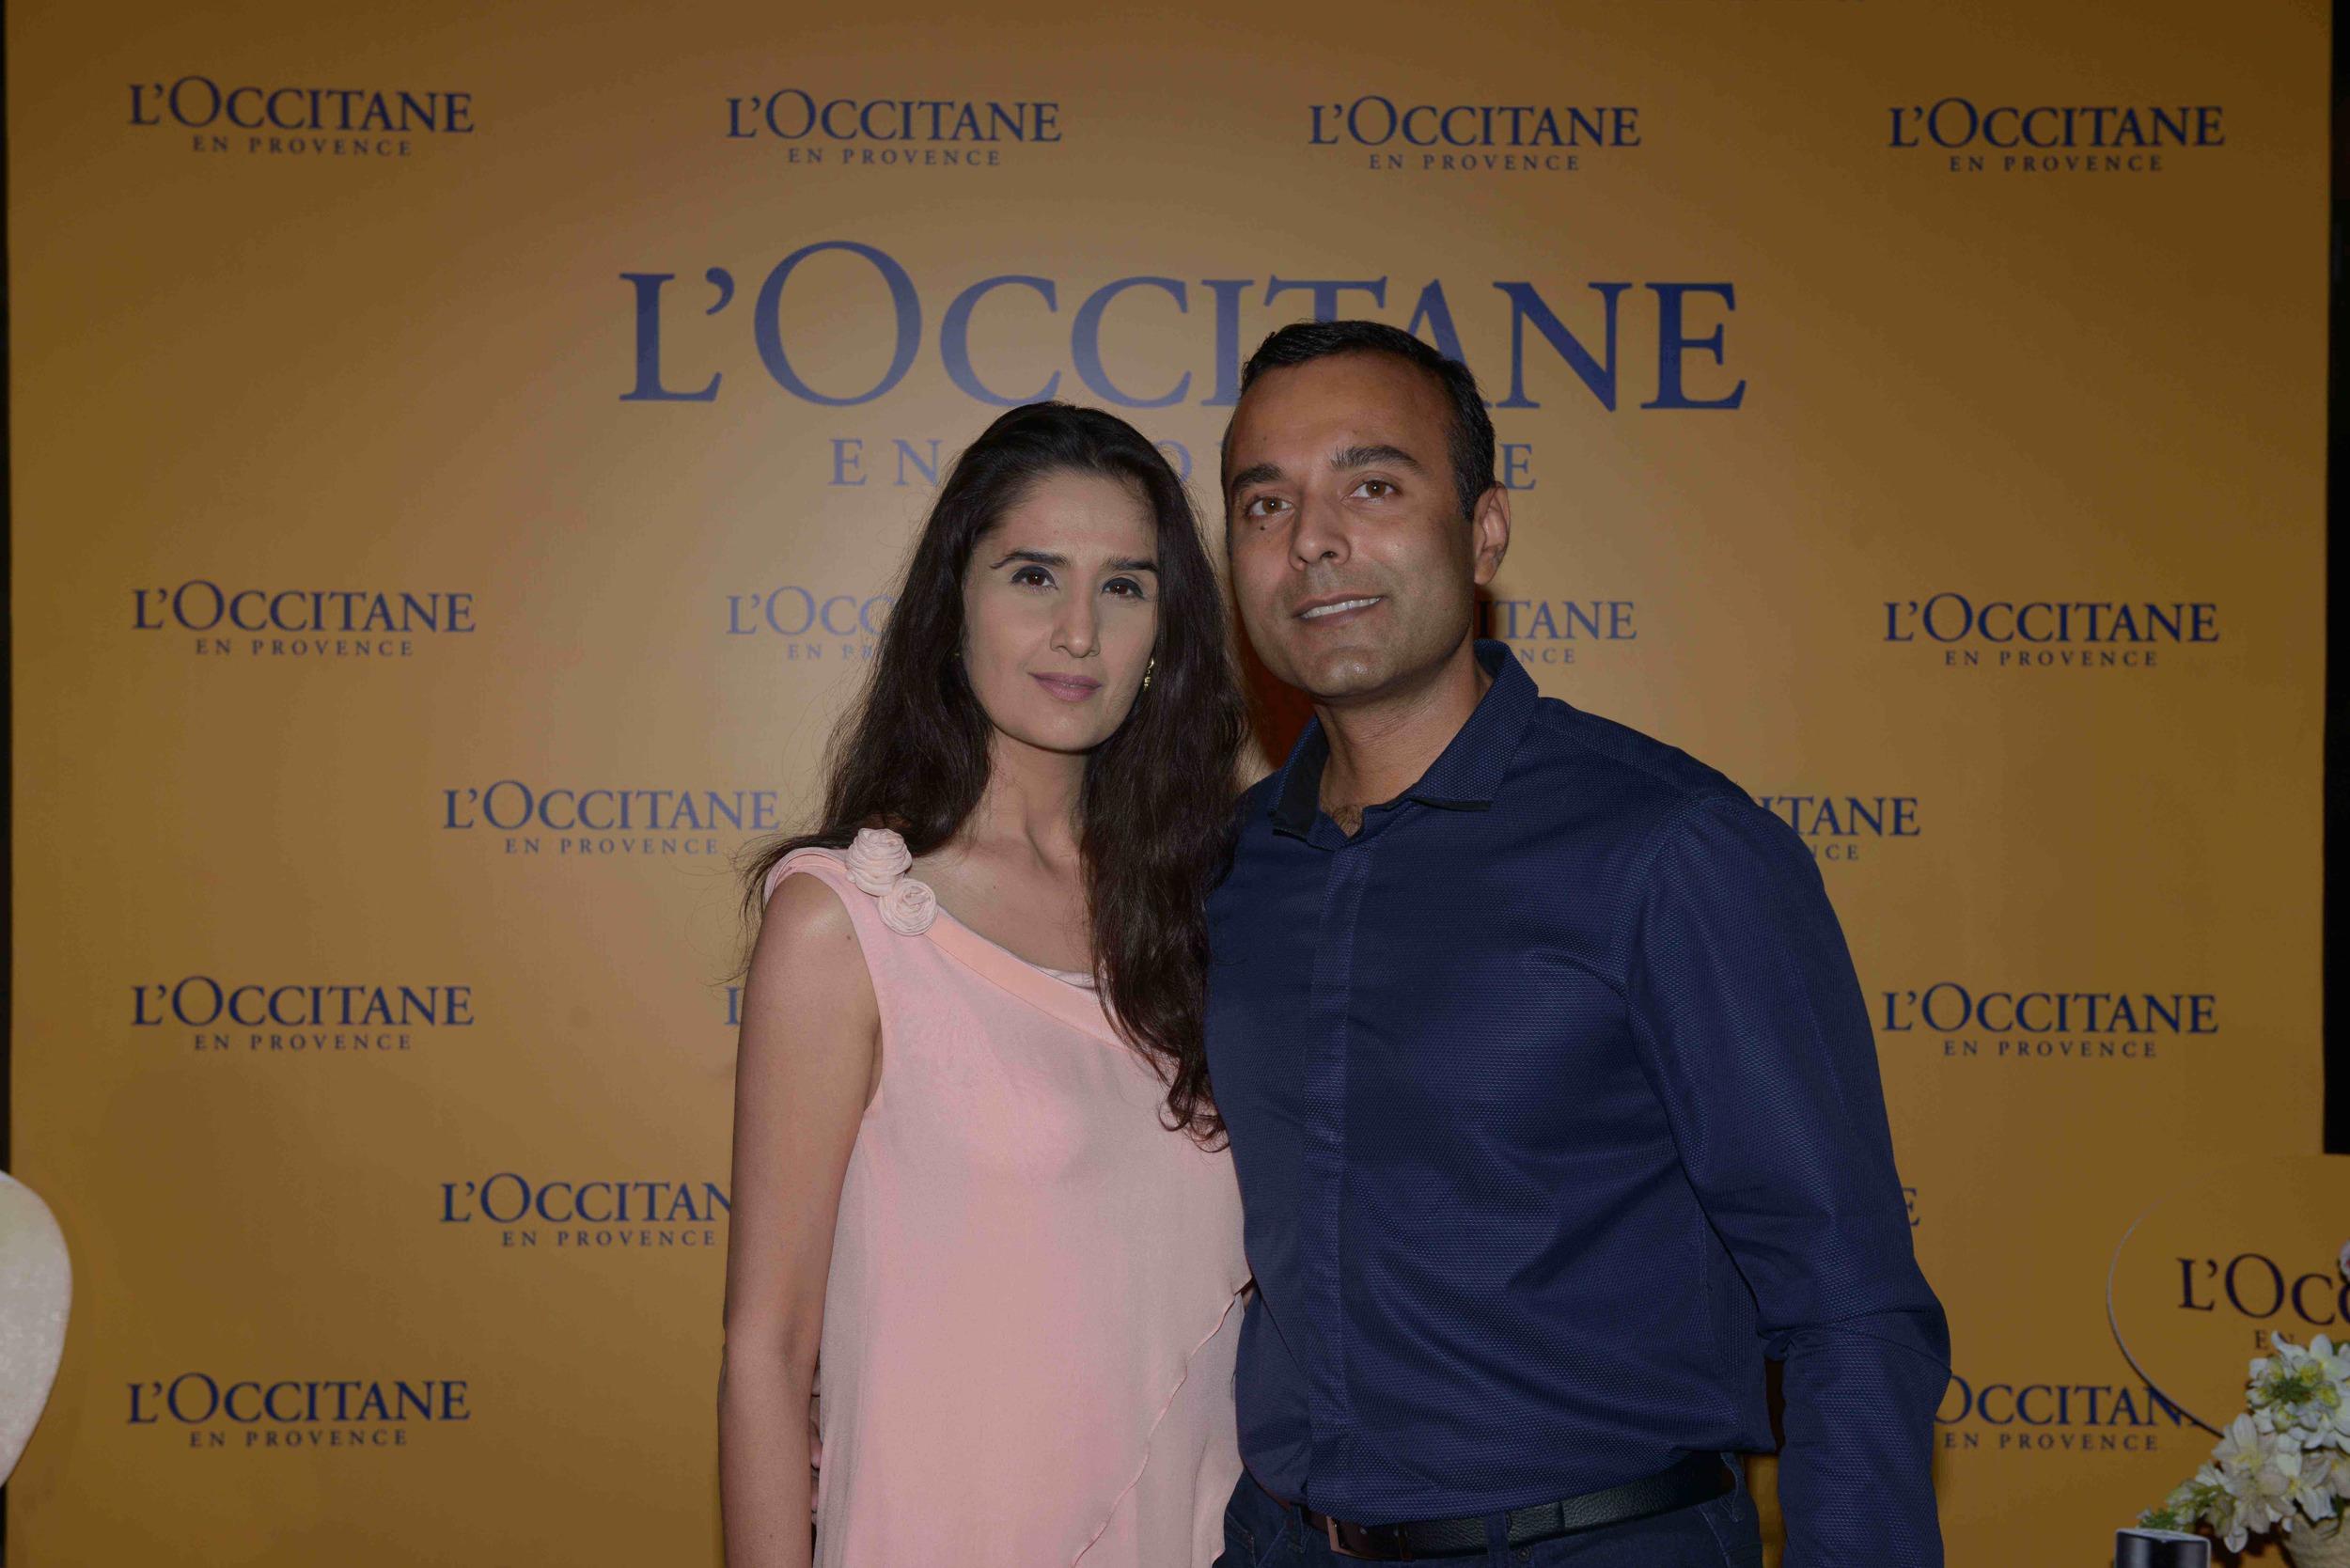 Monisha and Rohan Lepps